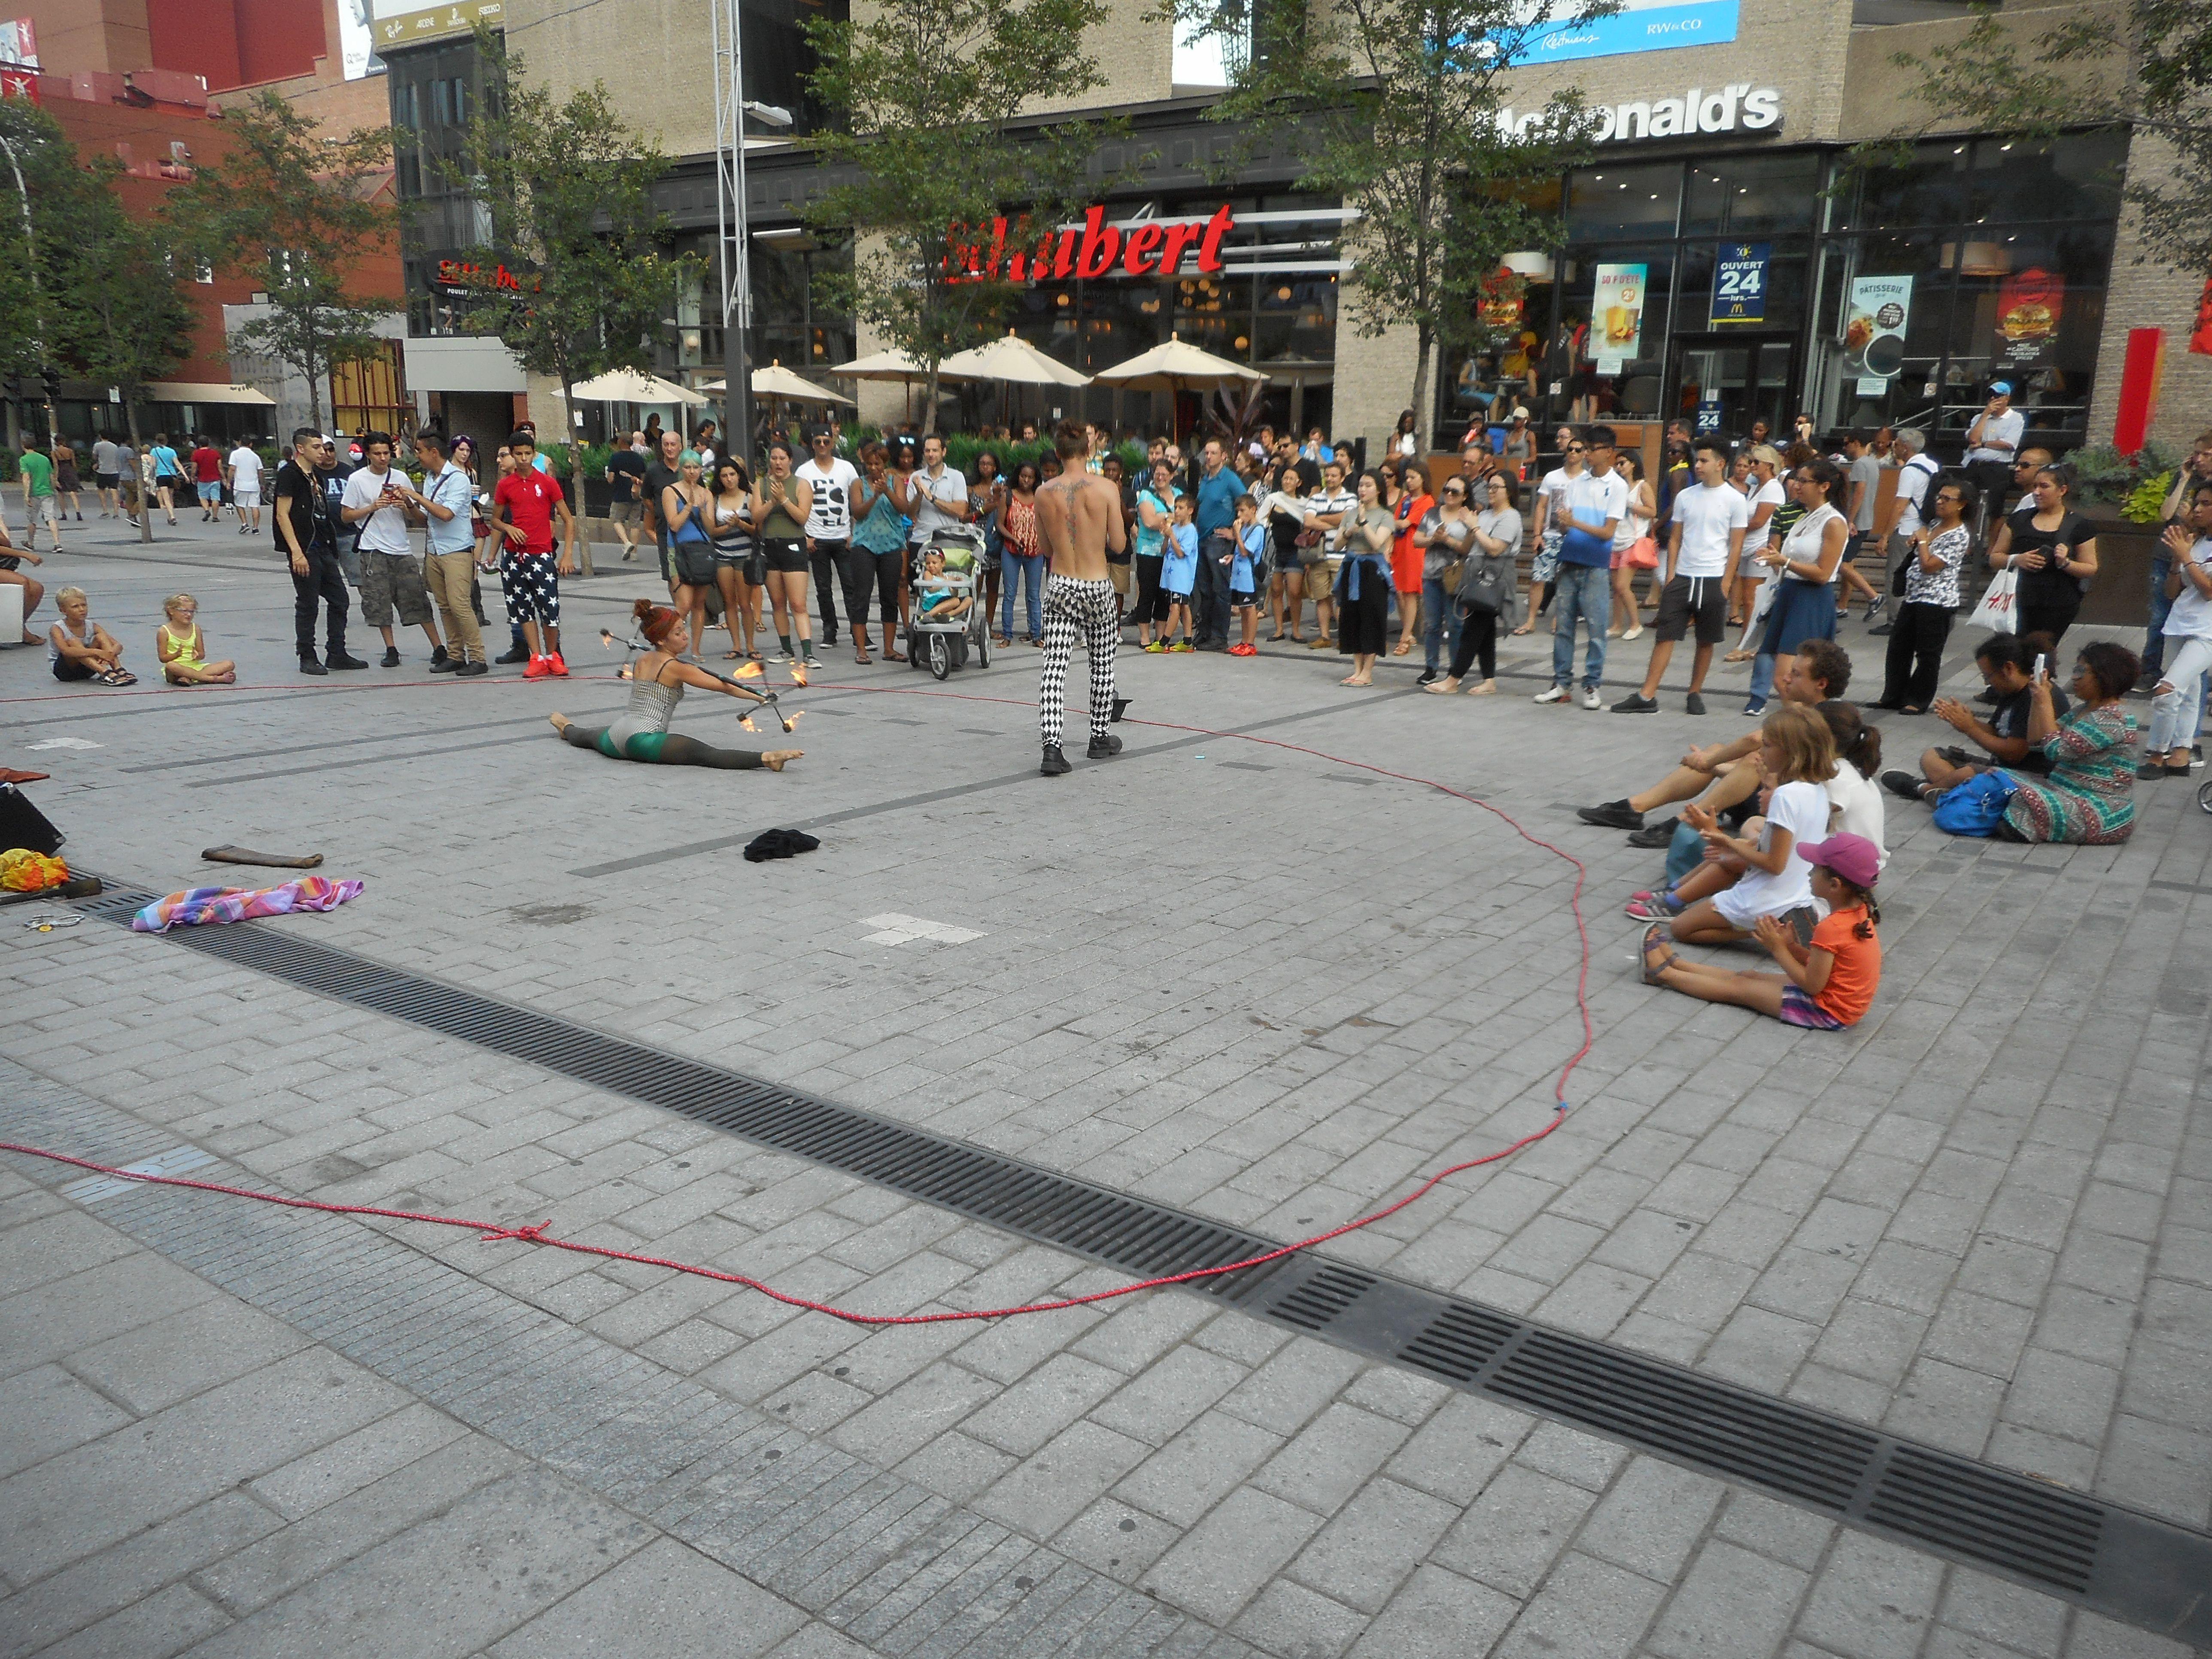 Street performers on Sainte-Catherine Street in Montreal.